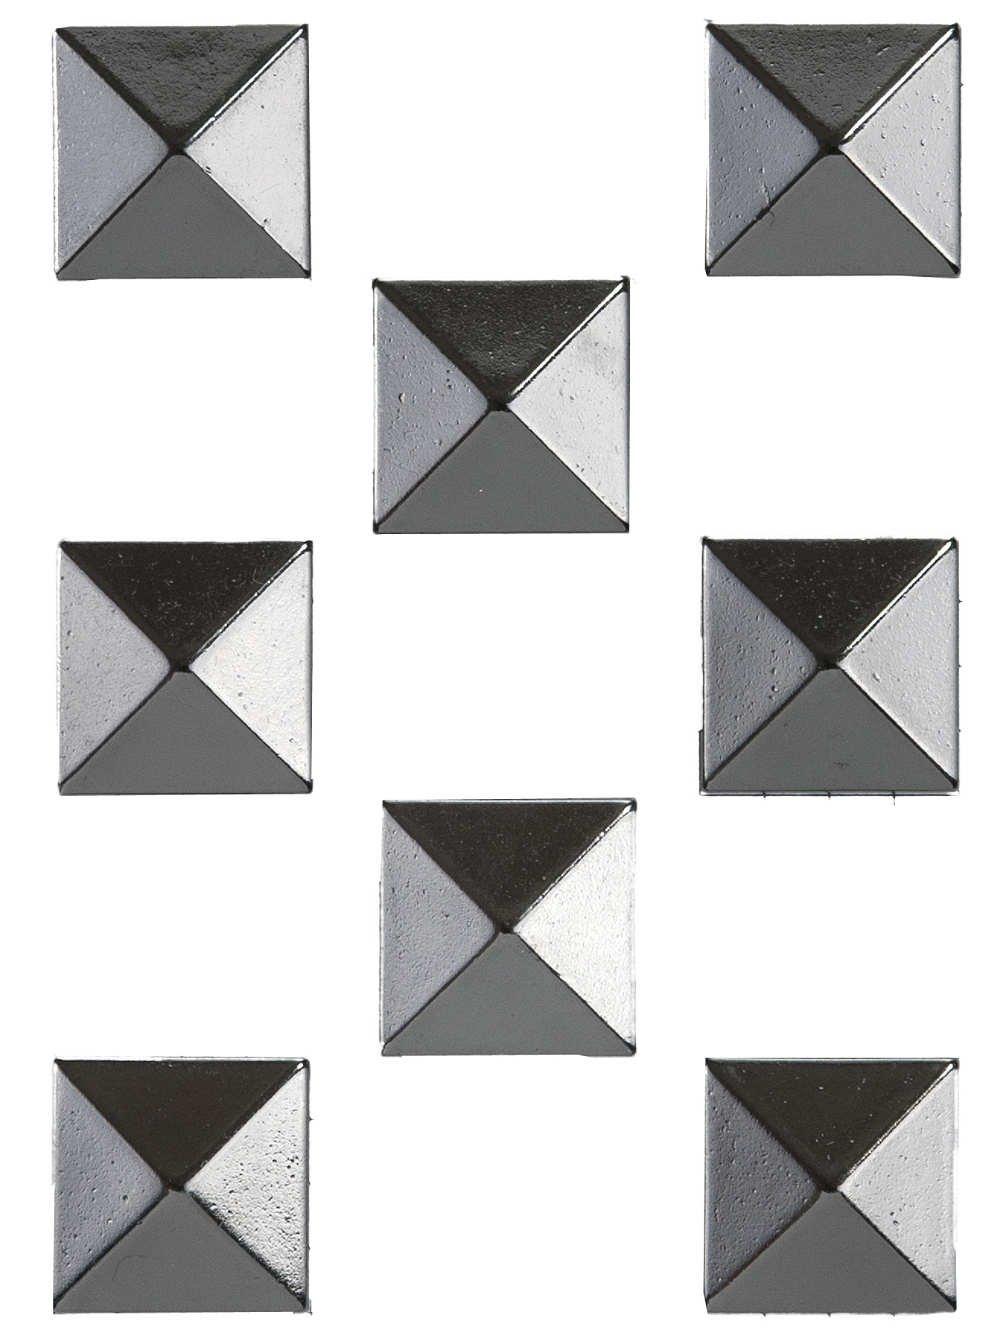 Icetools Stomp Pad Pyramid